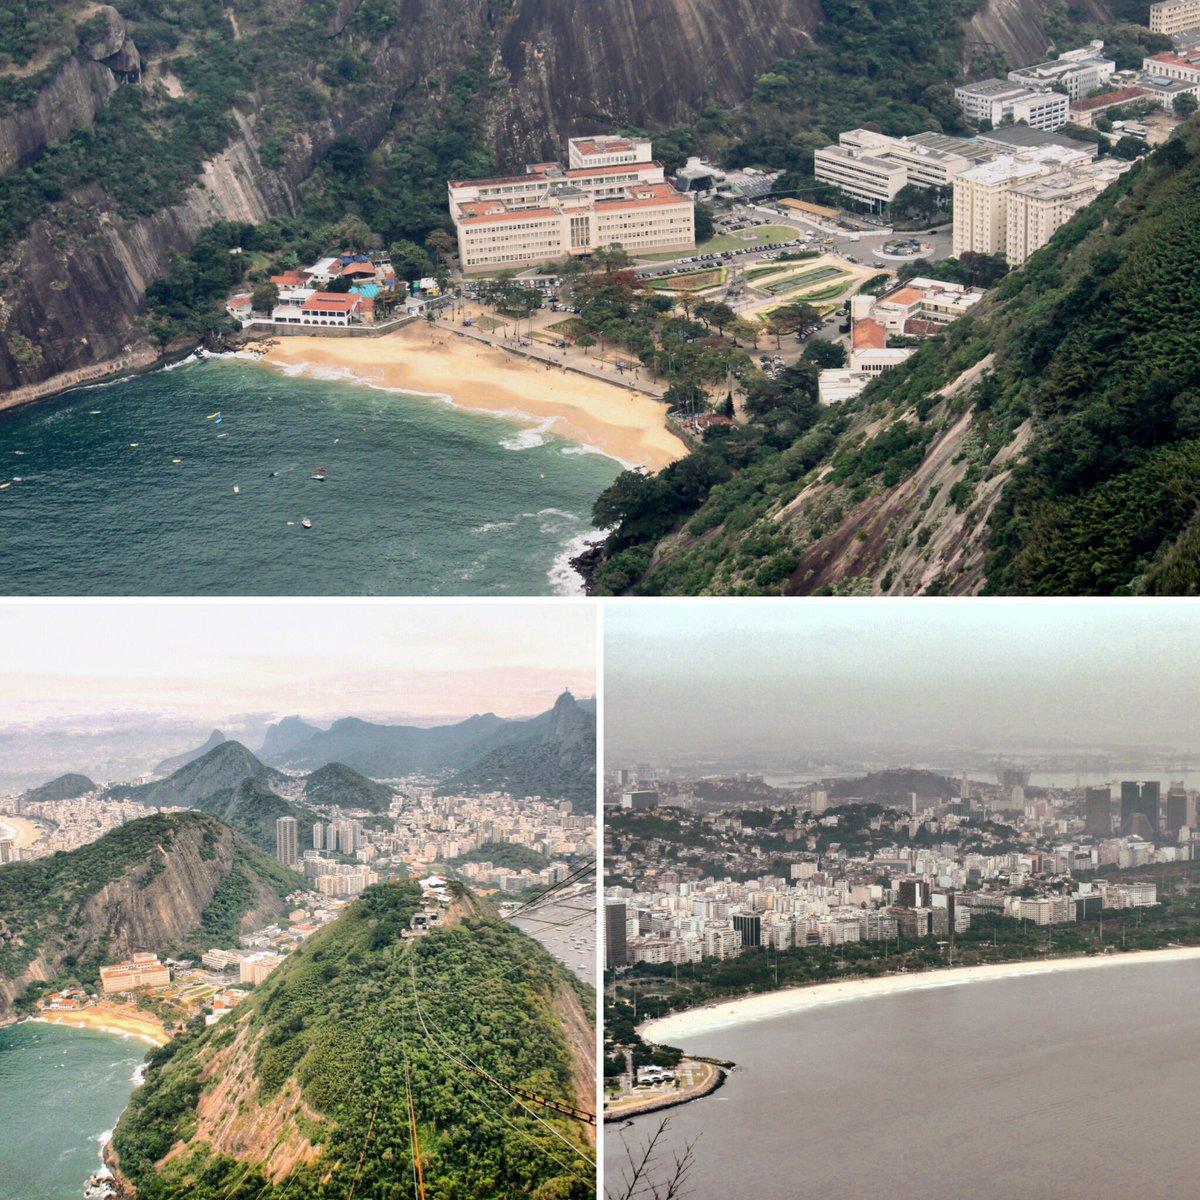 Allez aujourd'hui je vous emmène en voyage destination Rio de Janeiro petite vue en hauteur vue du pain de sucre One love #travel #traveling #TFLers #vacation #visiting #instatravel #instago #instagood #trip #holiday #photooftheday #fun #travelling